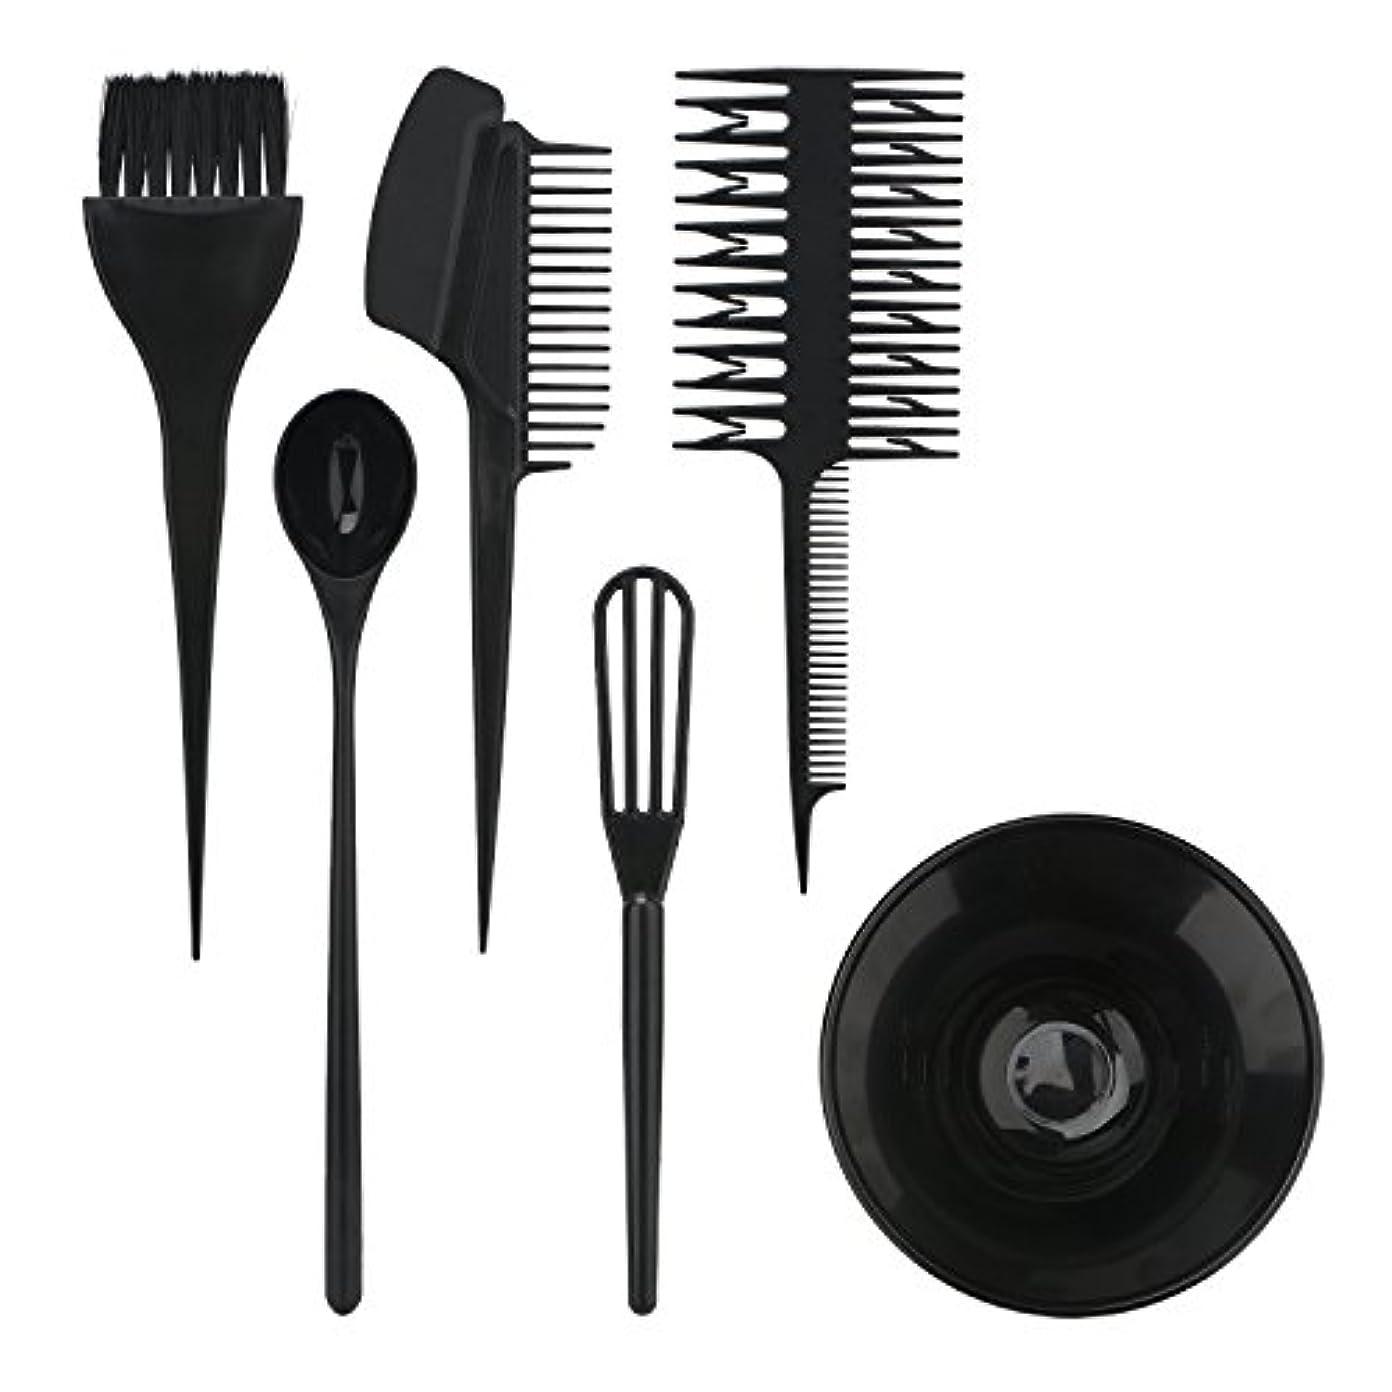 とは異なり委員会政府Segbeauty ヘアカラー用のセット ブラシとボウルの組み合わせ 6pcs DIY髪染め用 サロン 美髪師用 ヘアカラーの用具